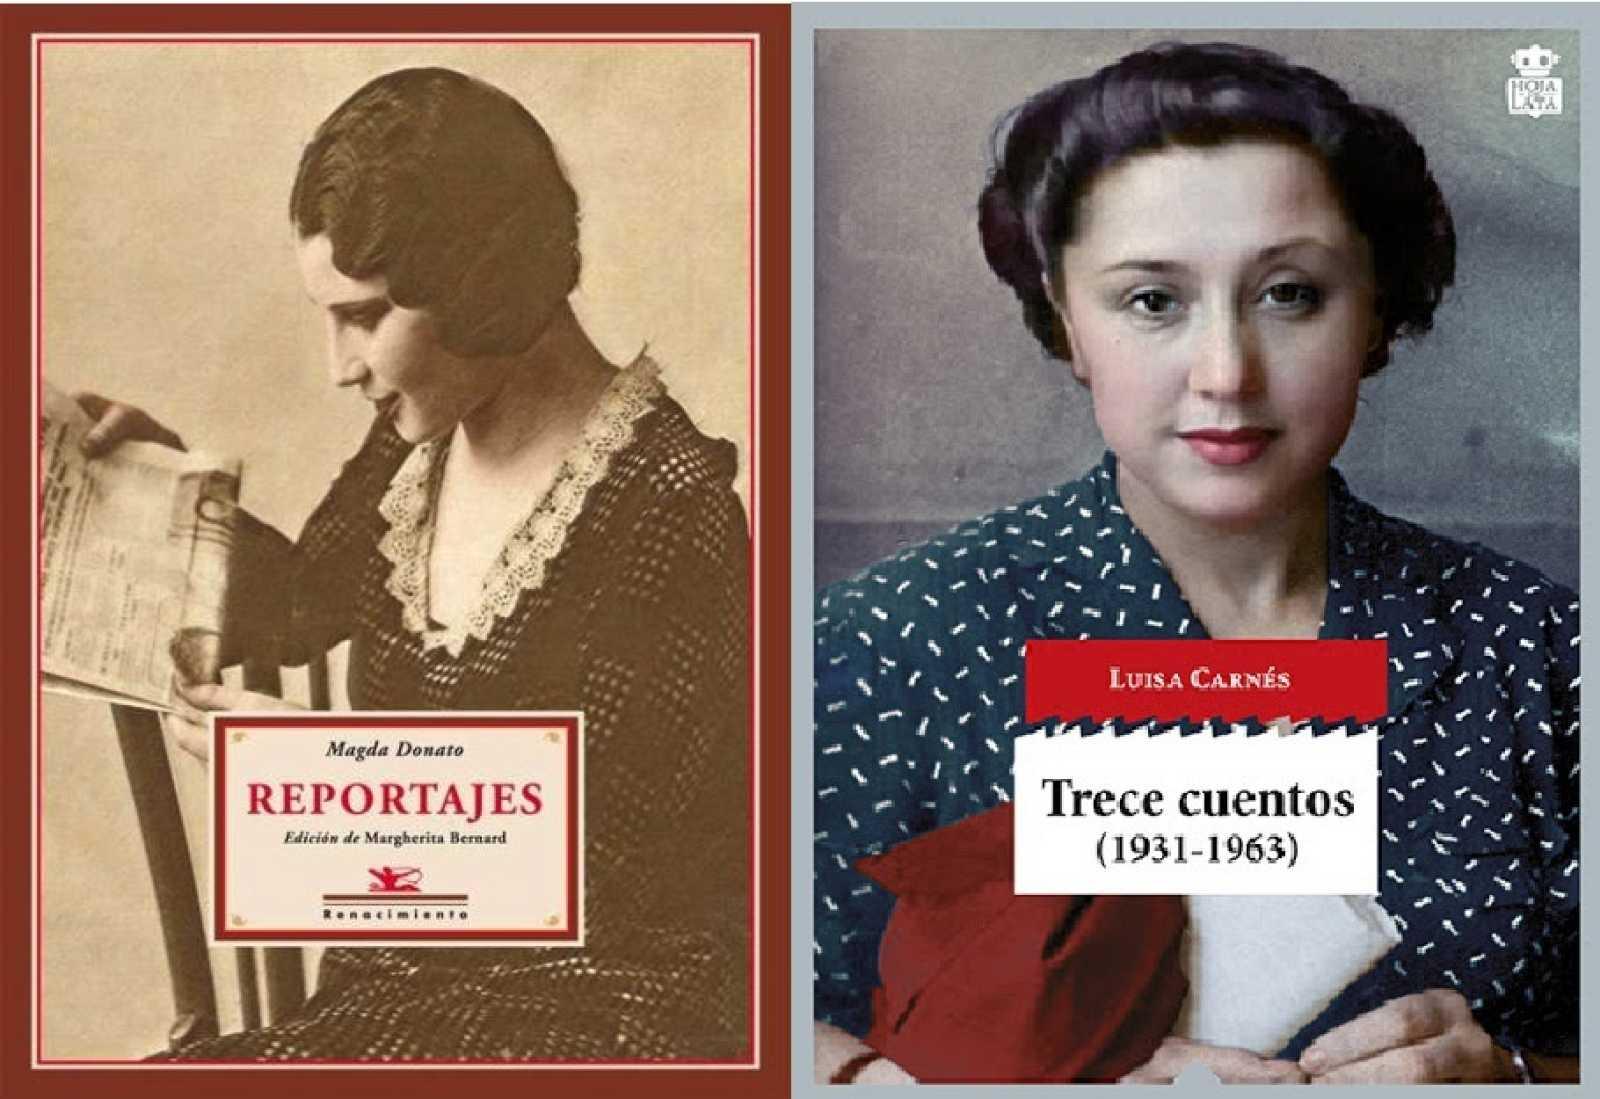 Reedición de las obras de Magda Donato y Luisa Carnés